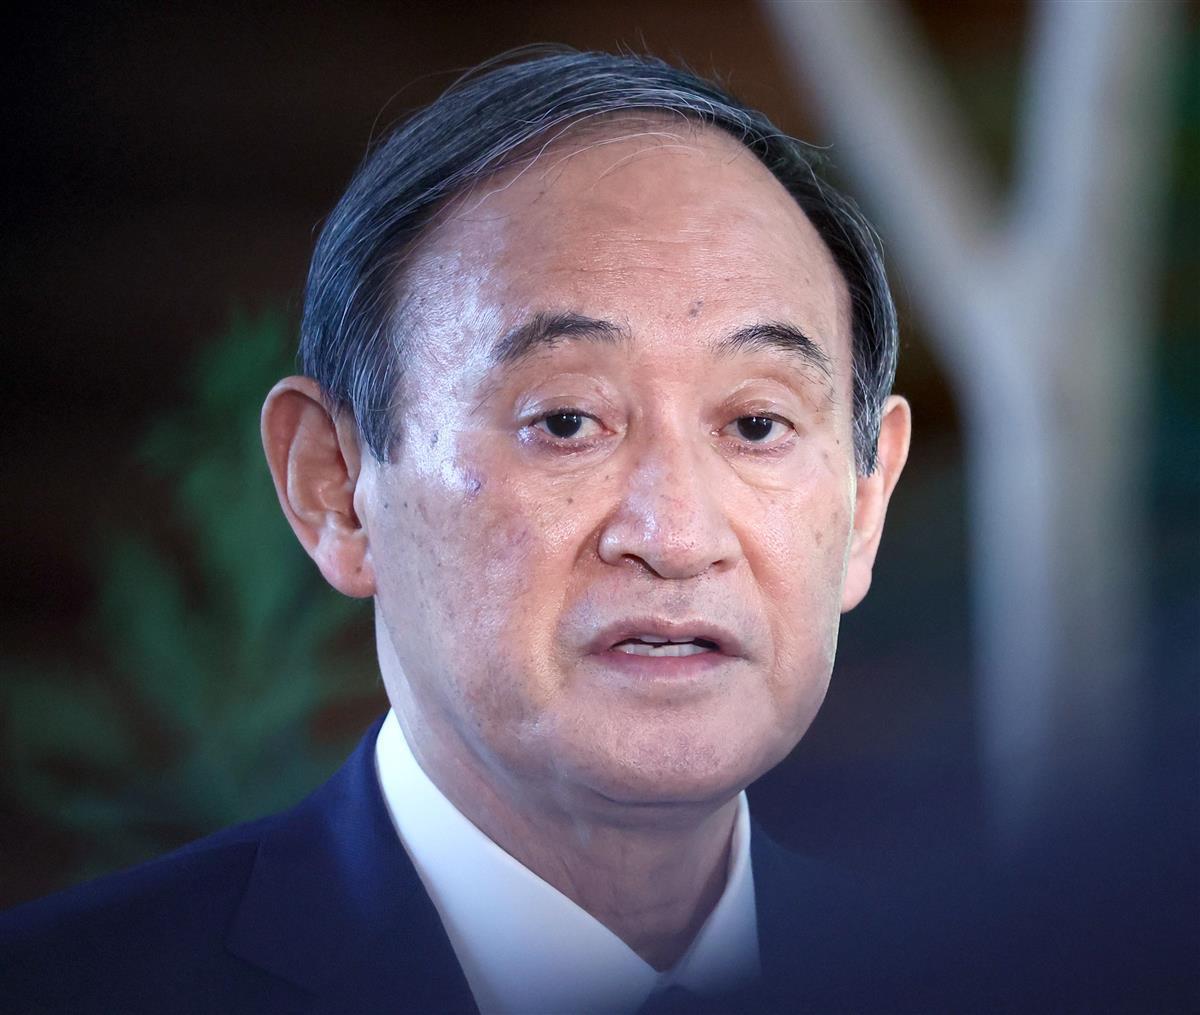 与党全敗、揺れる解散戦略 「ポスト菅」も見当たらず - 産経ニュース